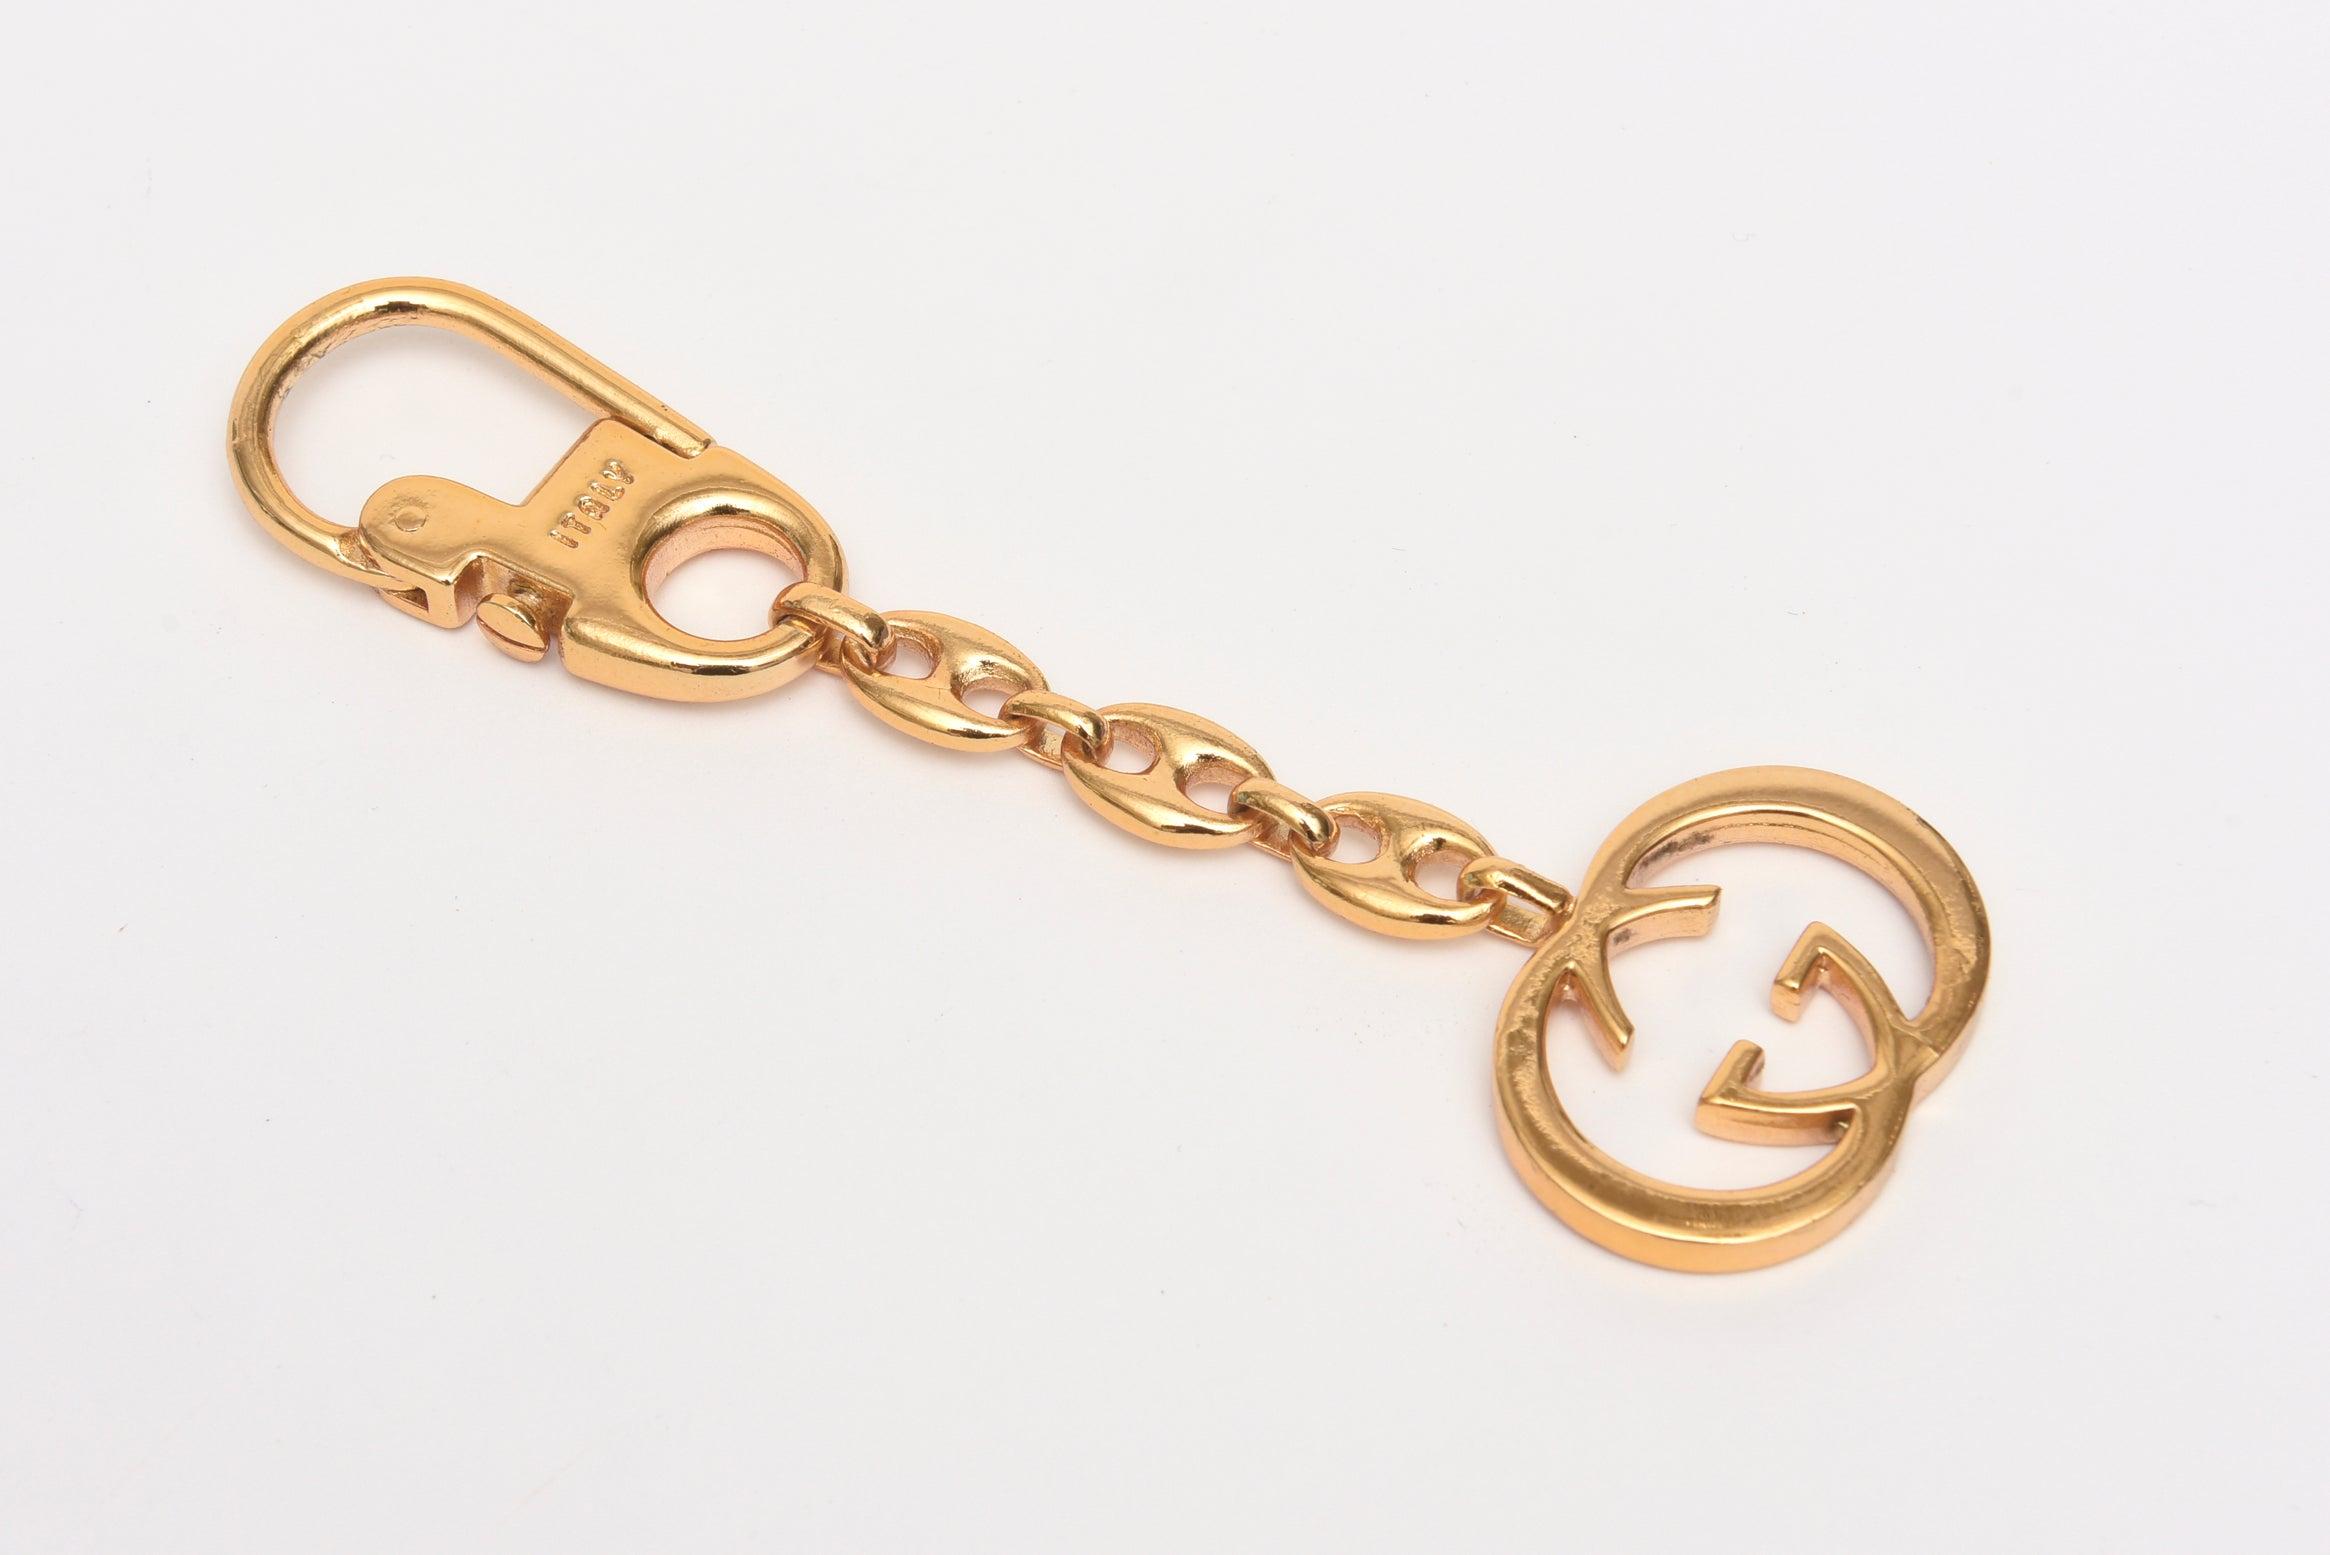 6c54d3b78af Vintage Gucci Gold Plated Keychain at 1stdibs